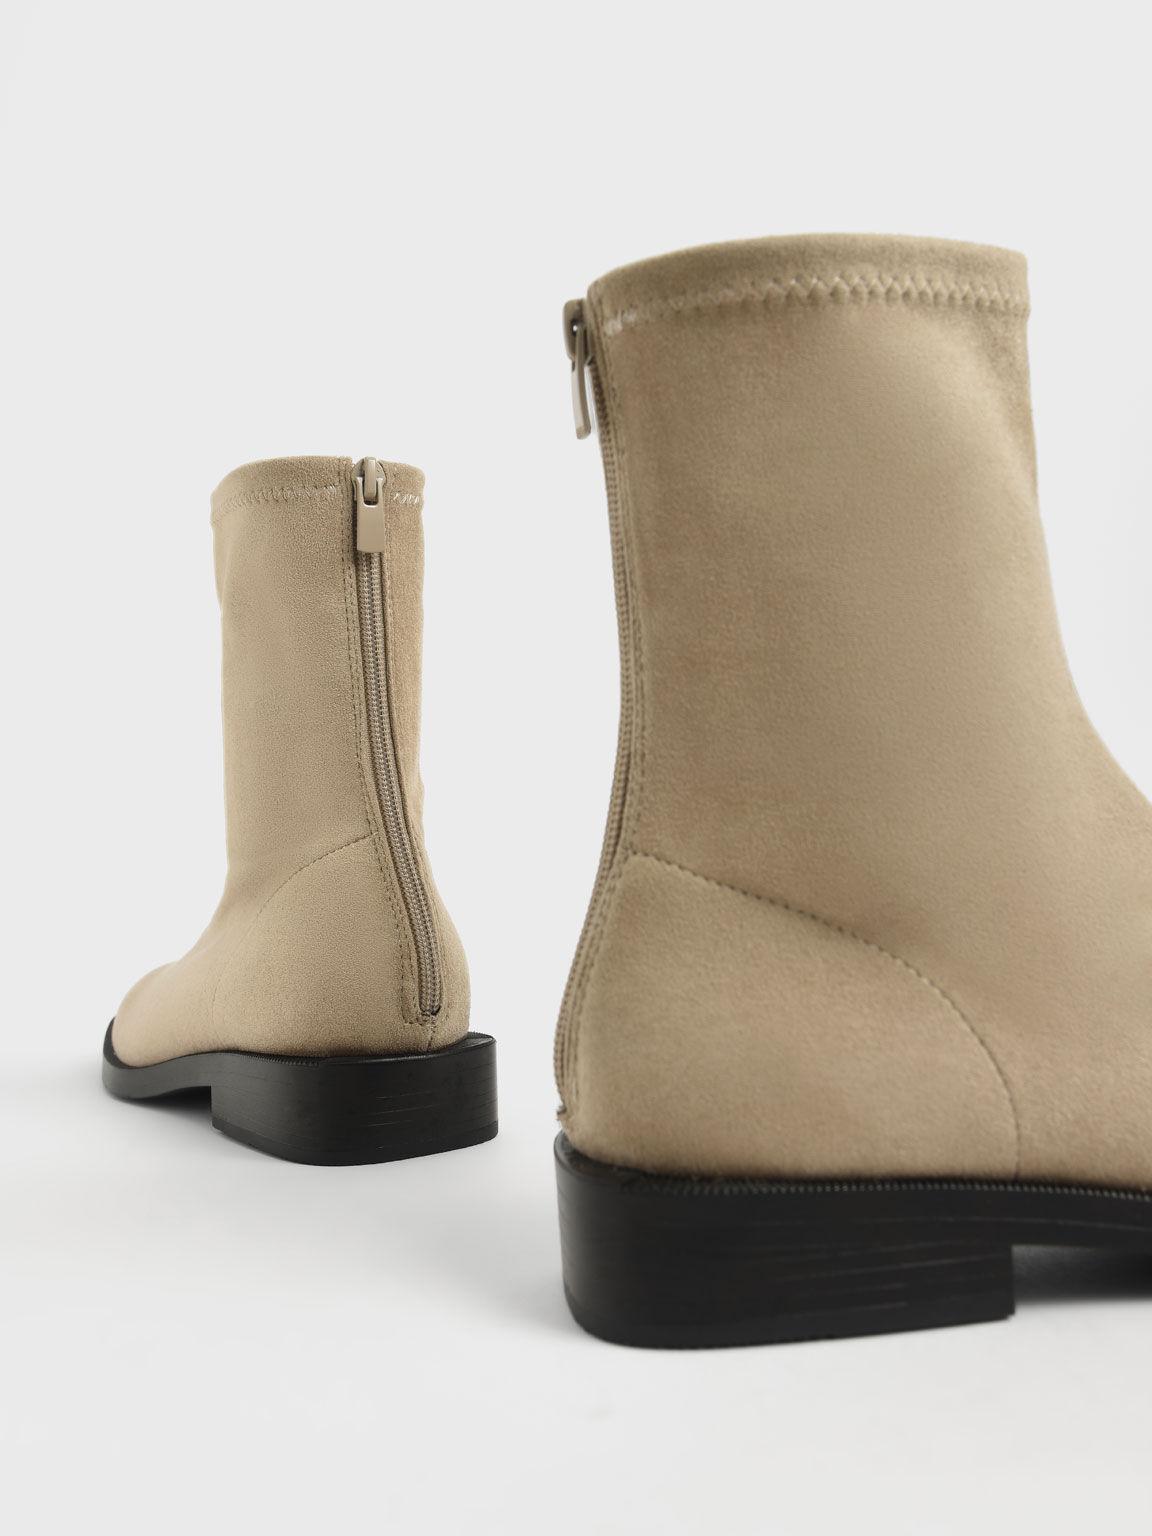 仿麂皮拉鍊短靴, 灰褐色, hi-res